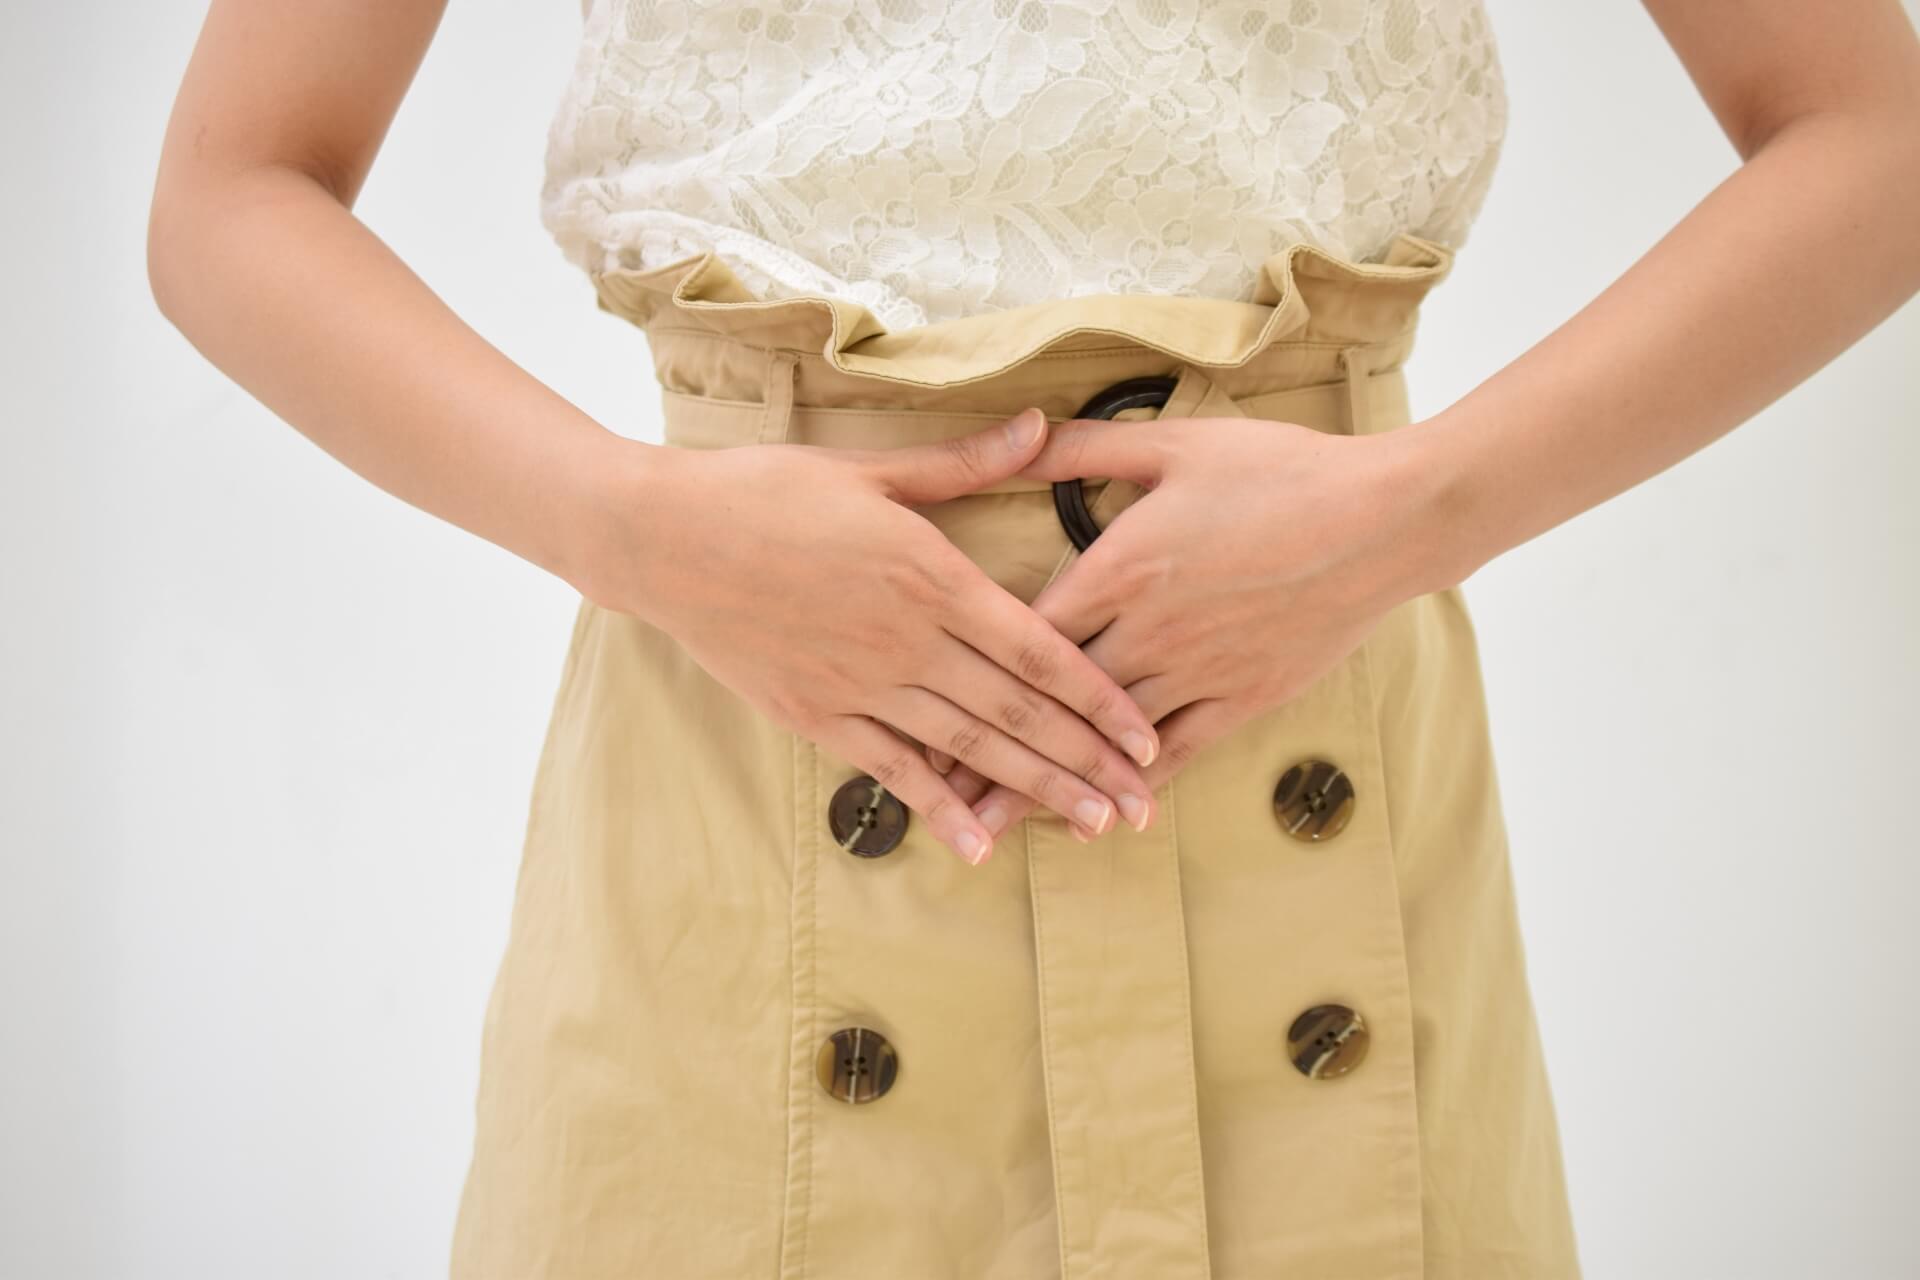 妊娠退職するタイミング